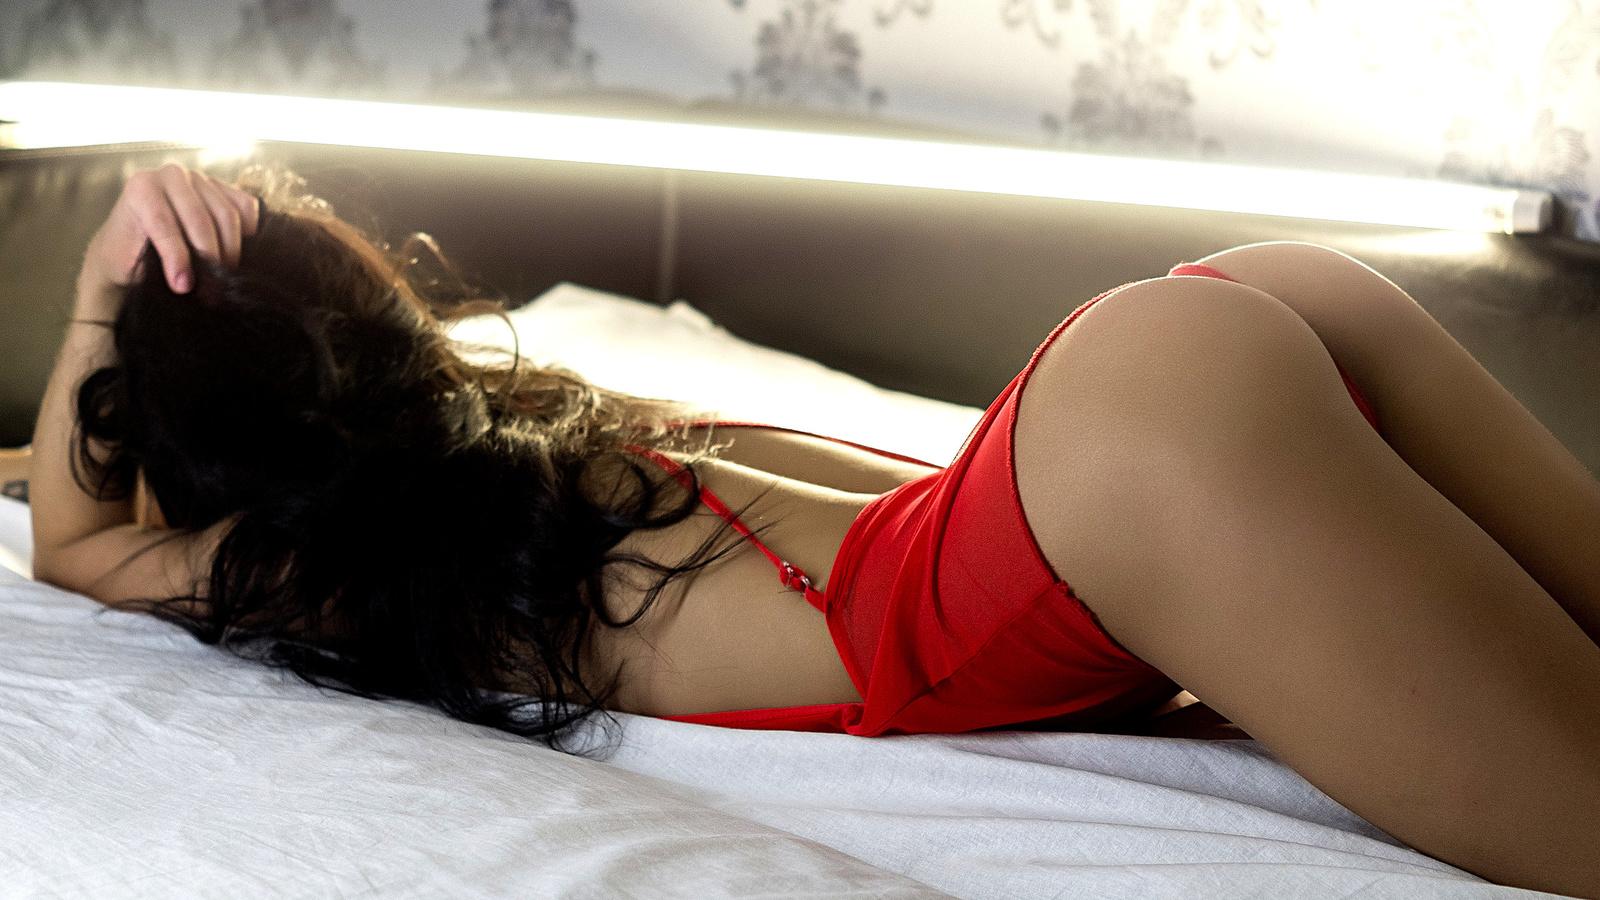 зачем девушки снимает нижнего белья лежа видео провела